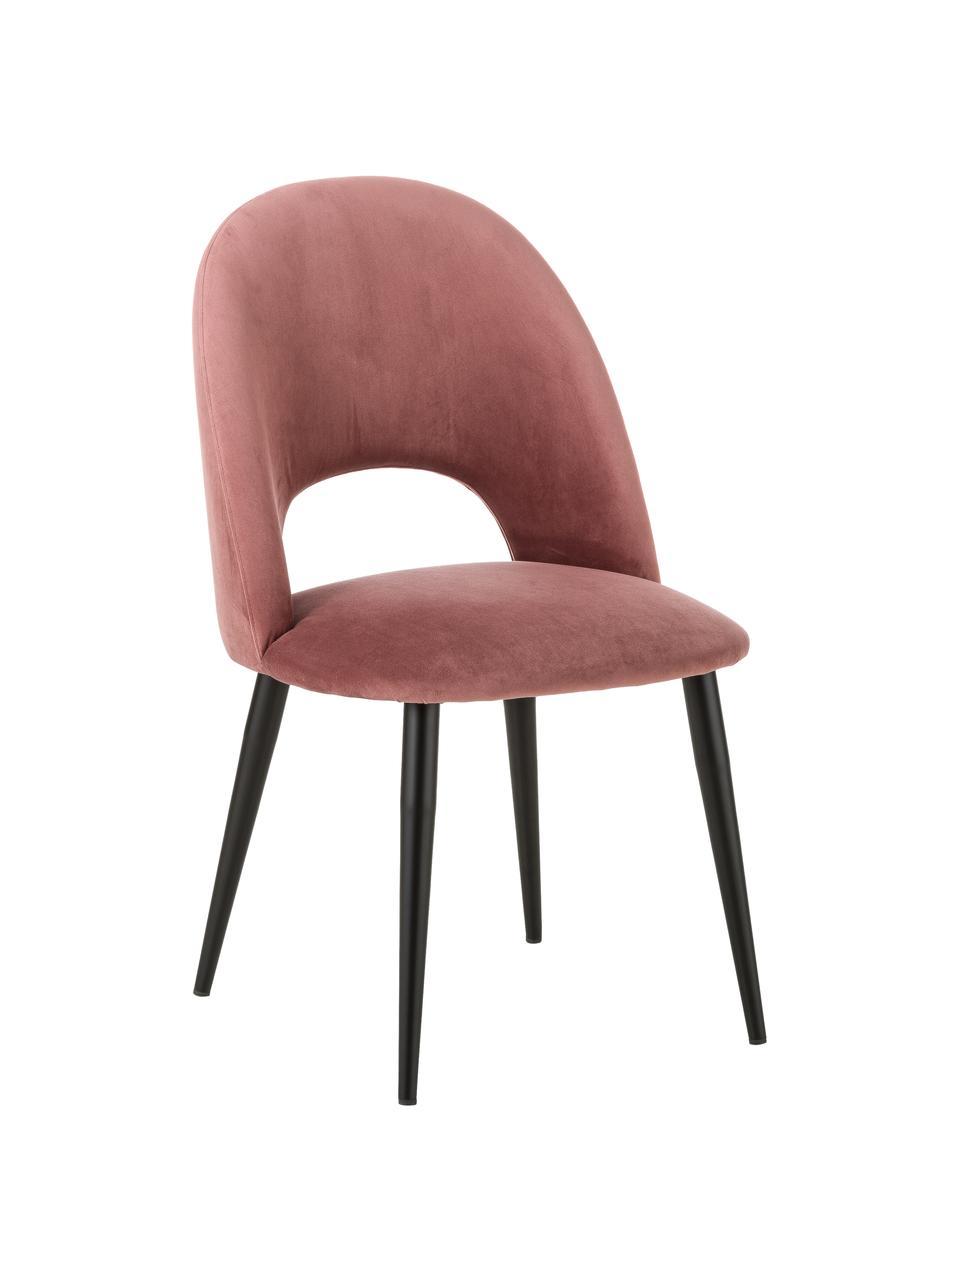 Sedia imbottita in velluto rosa cipria Rachel, Rivestimento: velluto (rivestimento in , Gambe: metallo verniciato a polv, Velluto rosa cipria, Larg. 53 x Prof. 57 cm